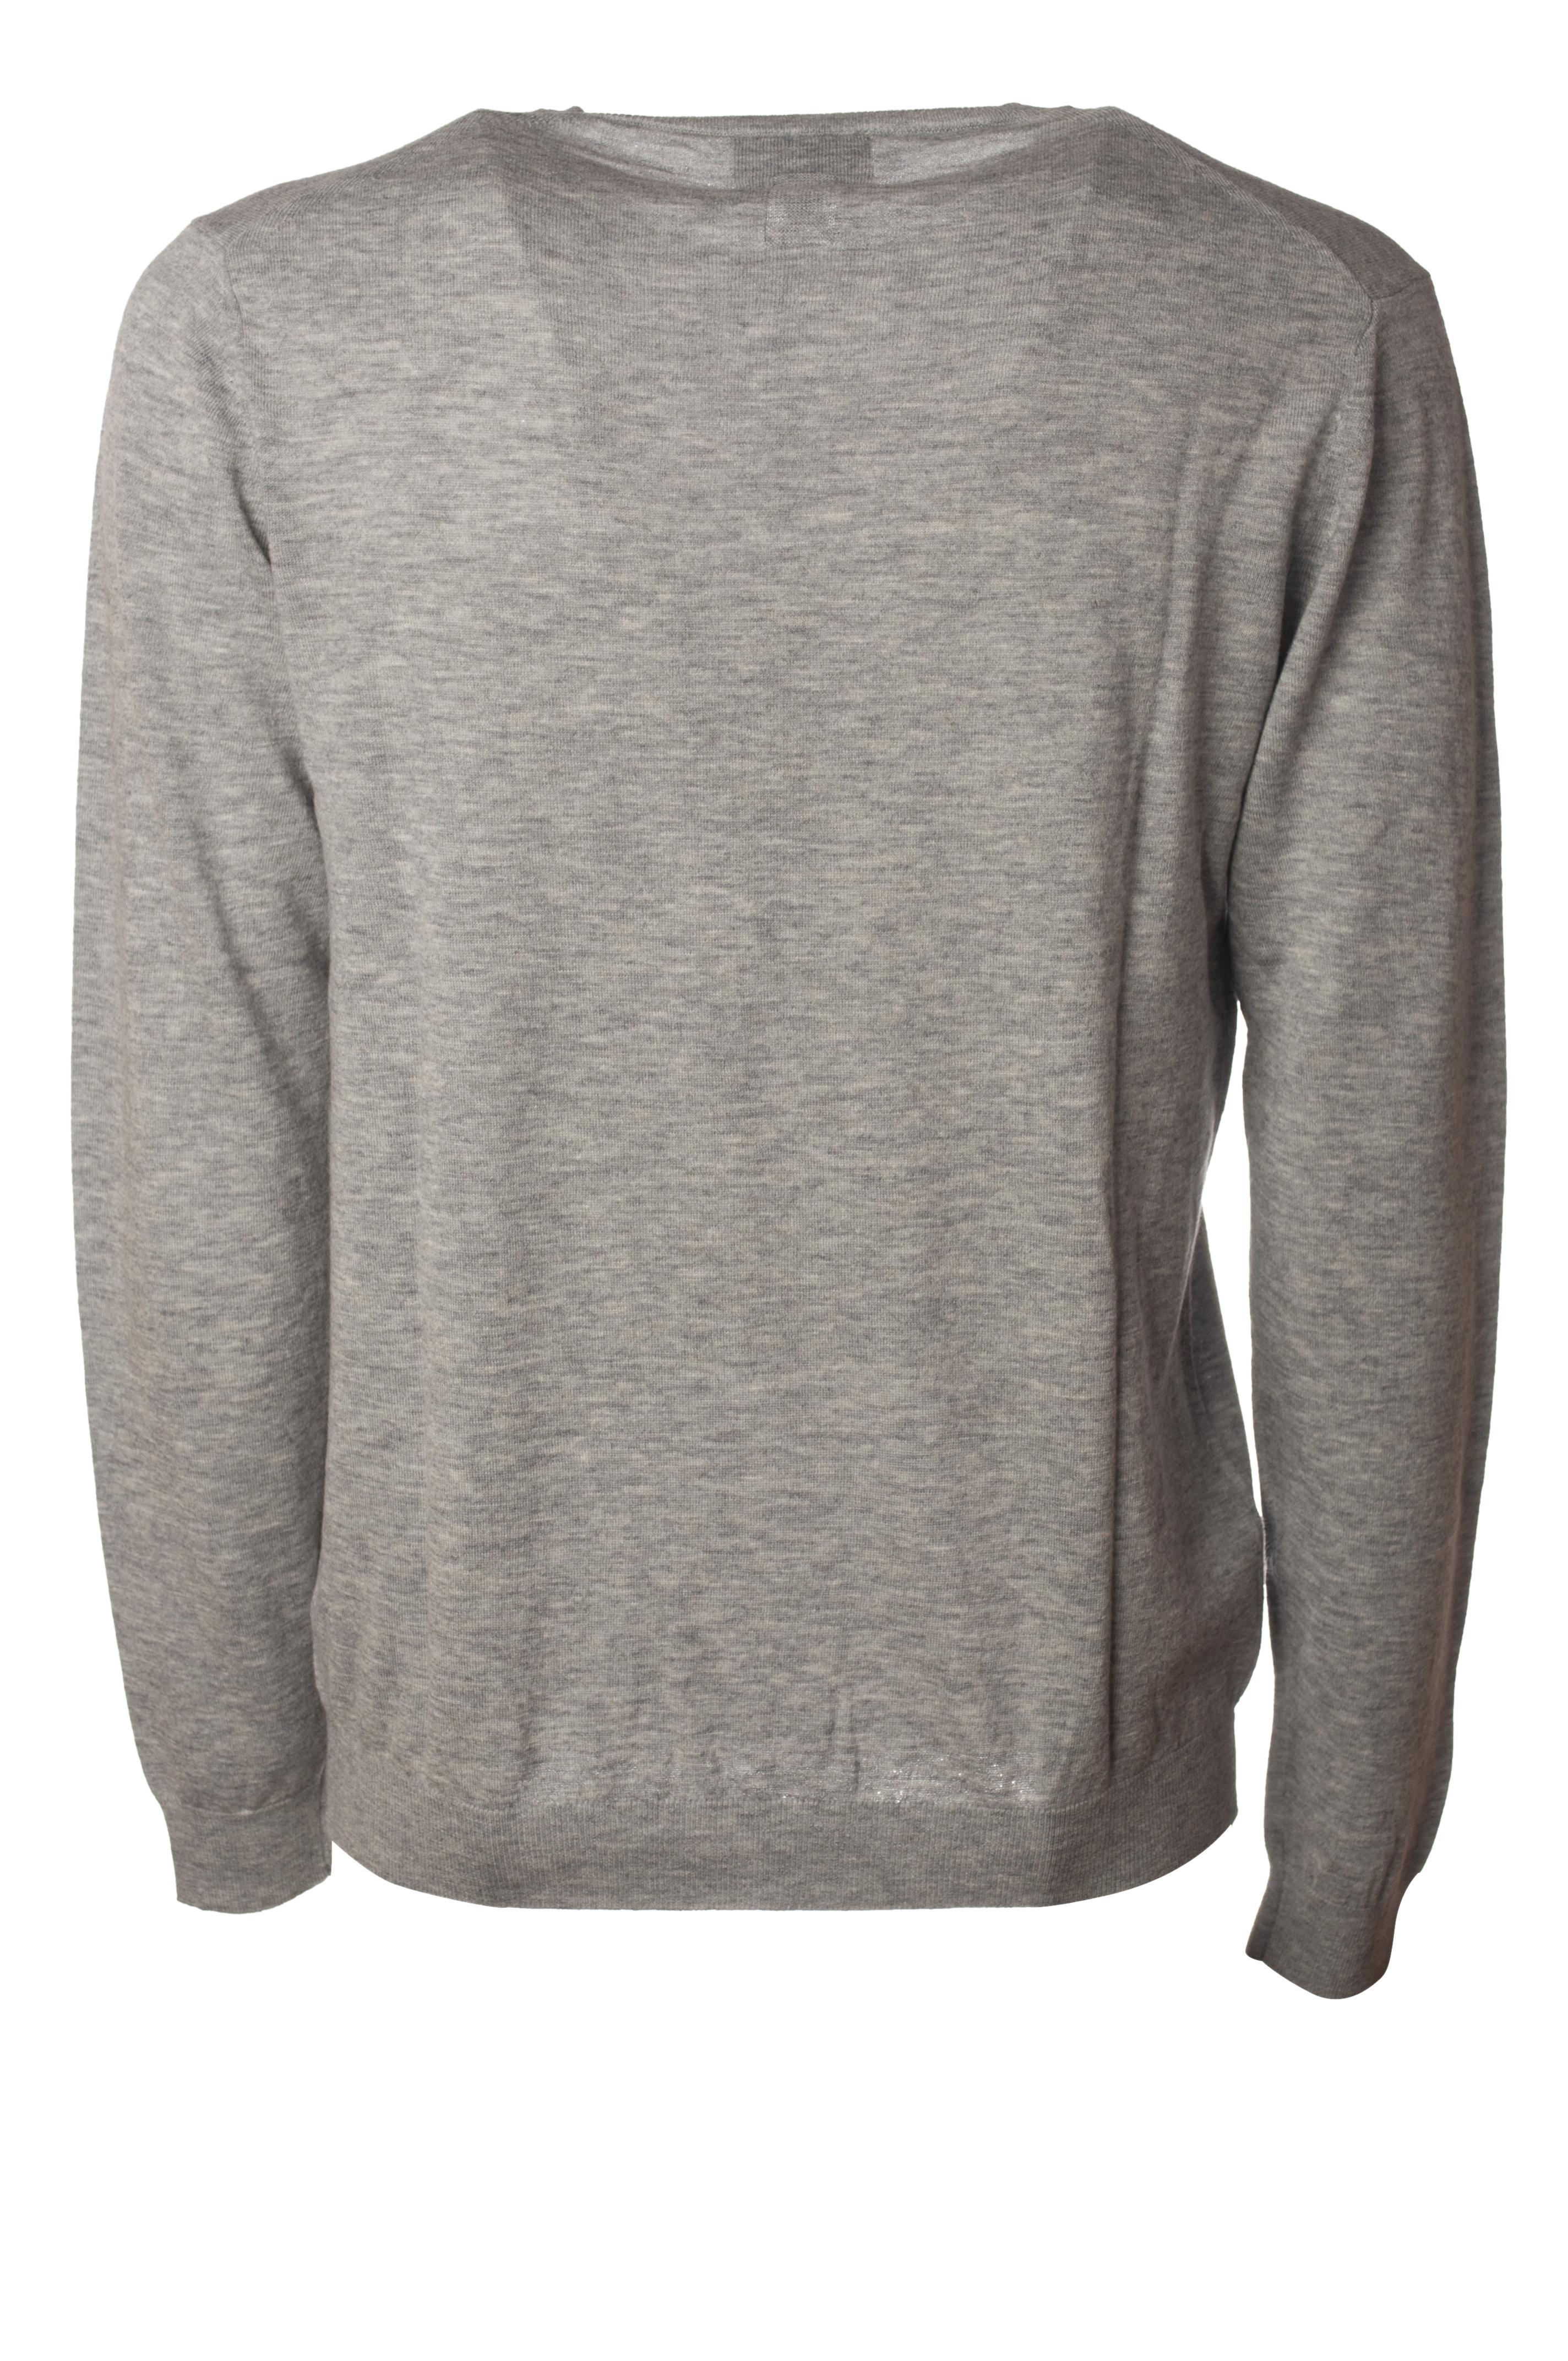 Man 5836402m183339 Grey sweaters Knitwear Diktat PxvR0aR